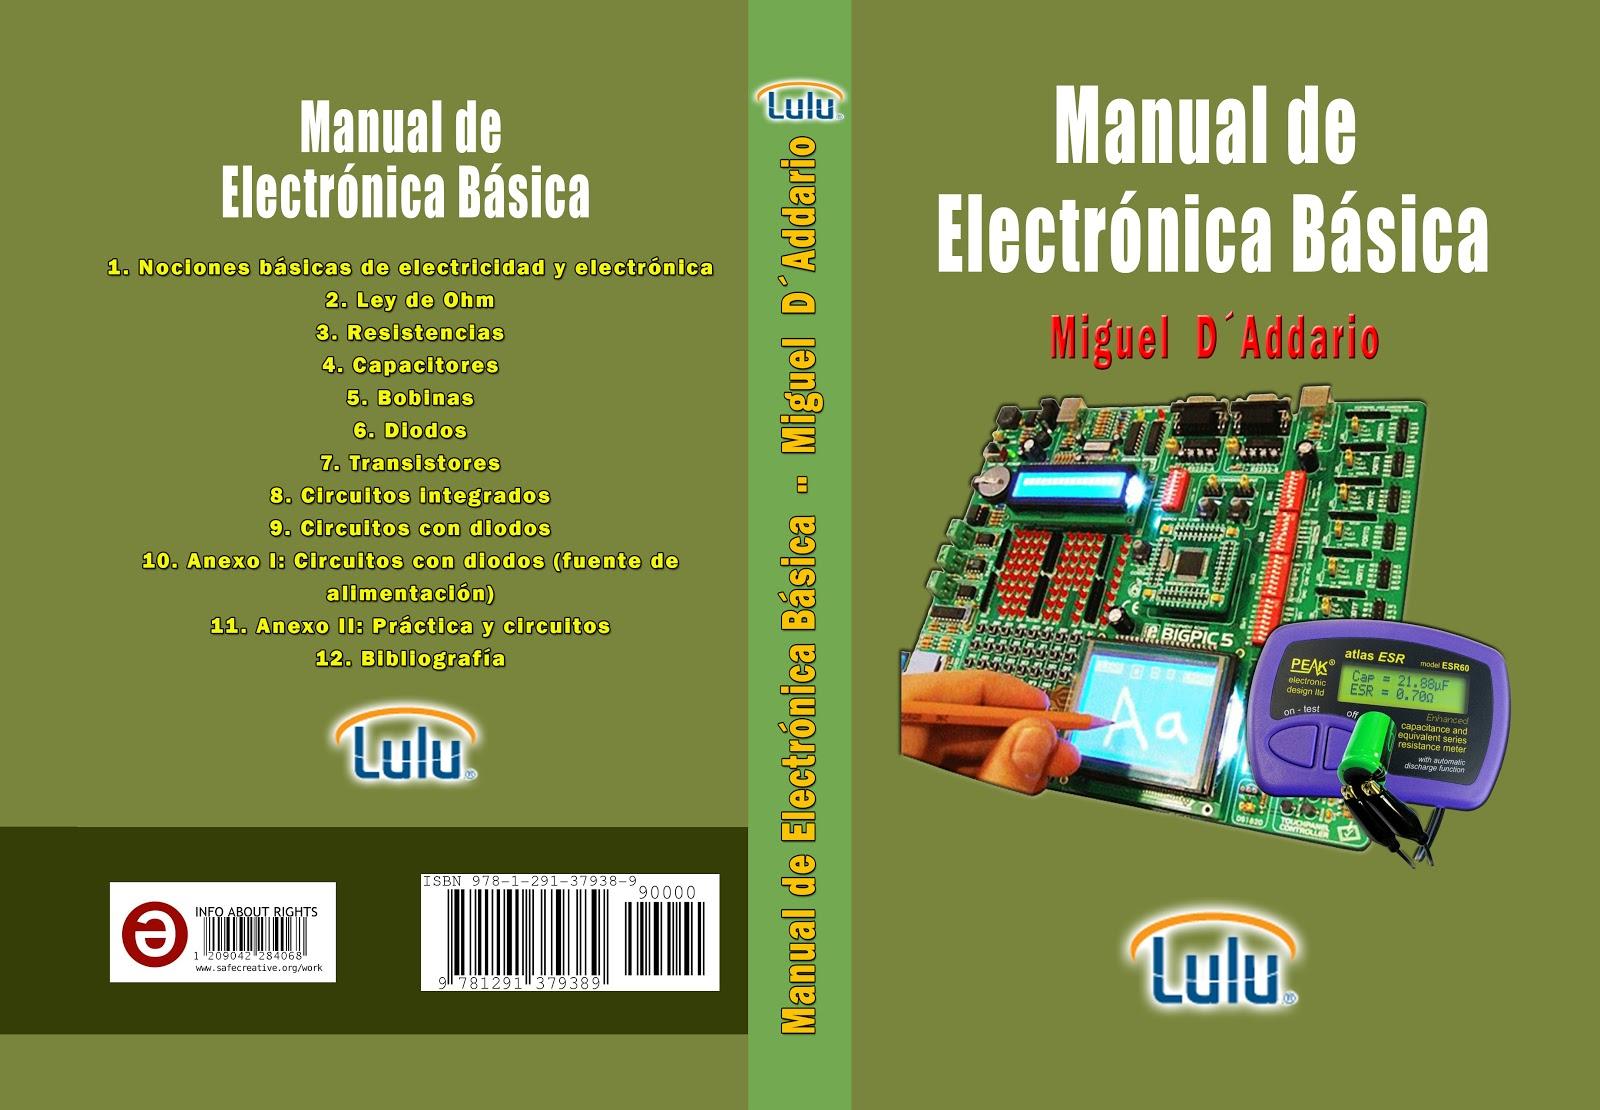 manual de electrónica básica miguel d addario pdf